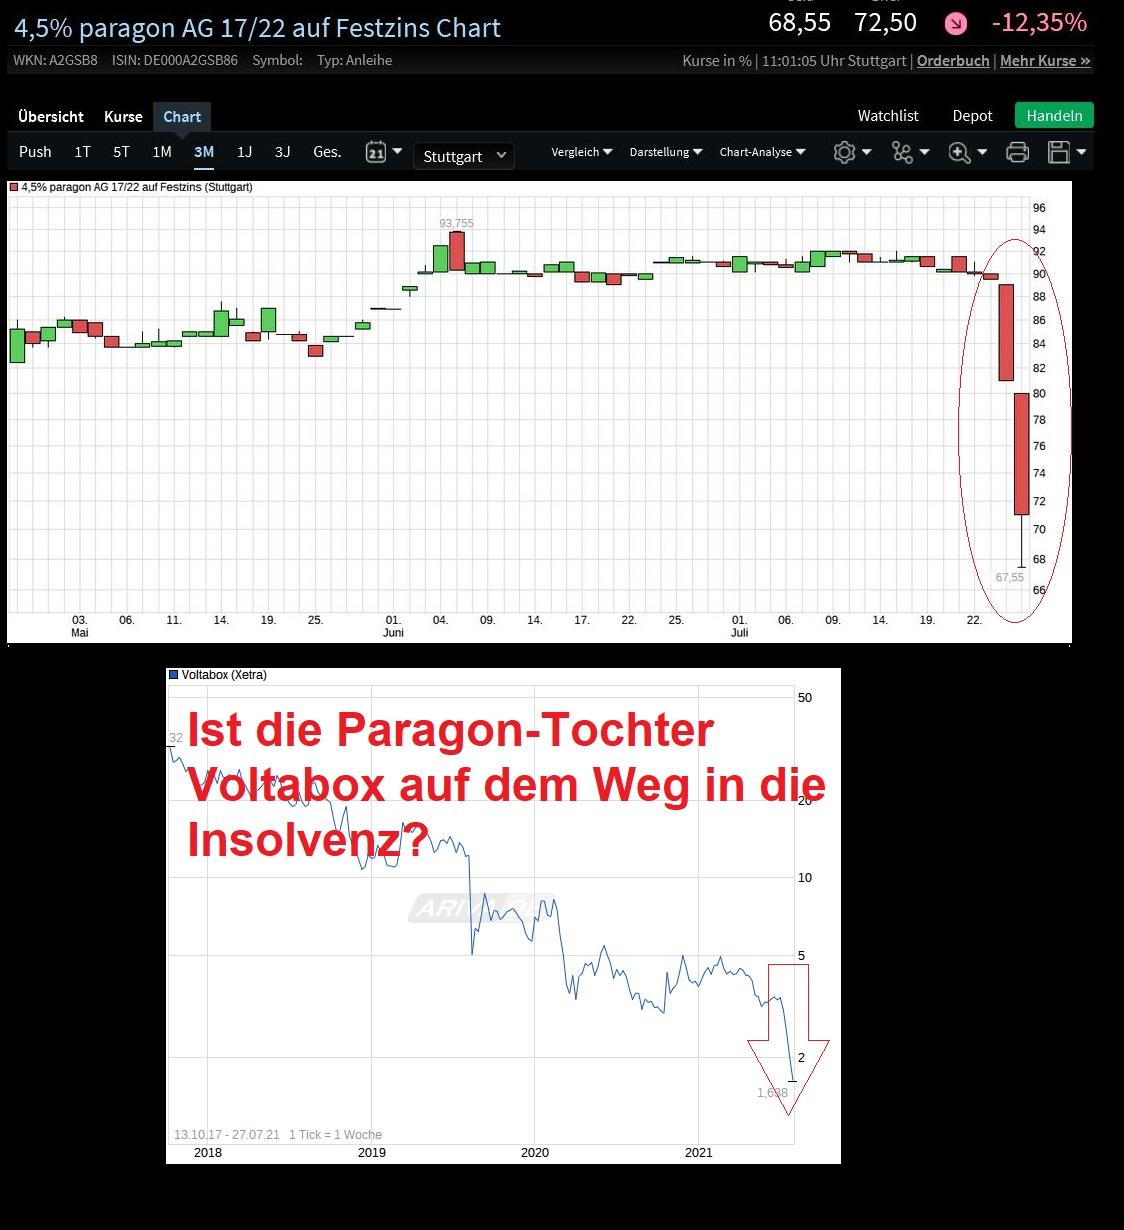 chart_all_voltabox.jpg